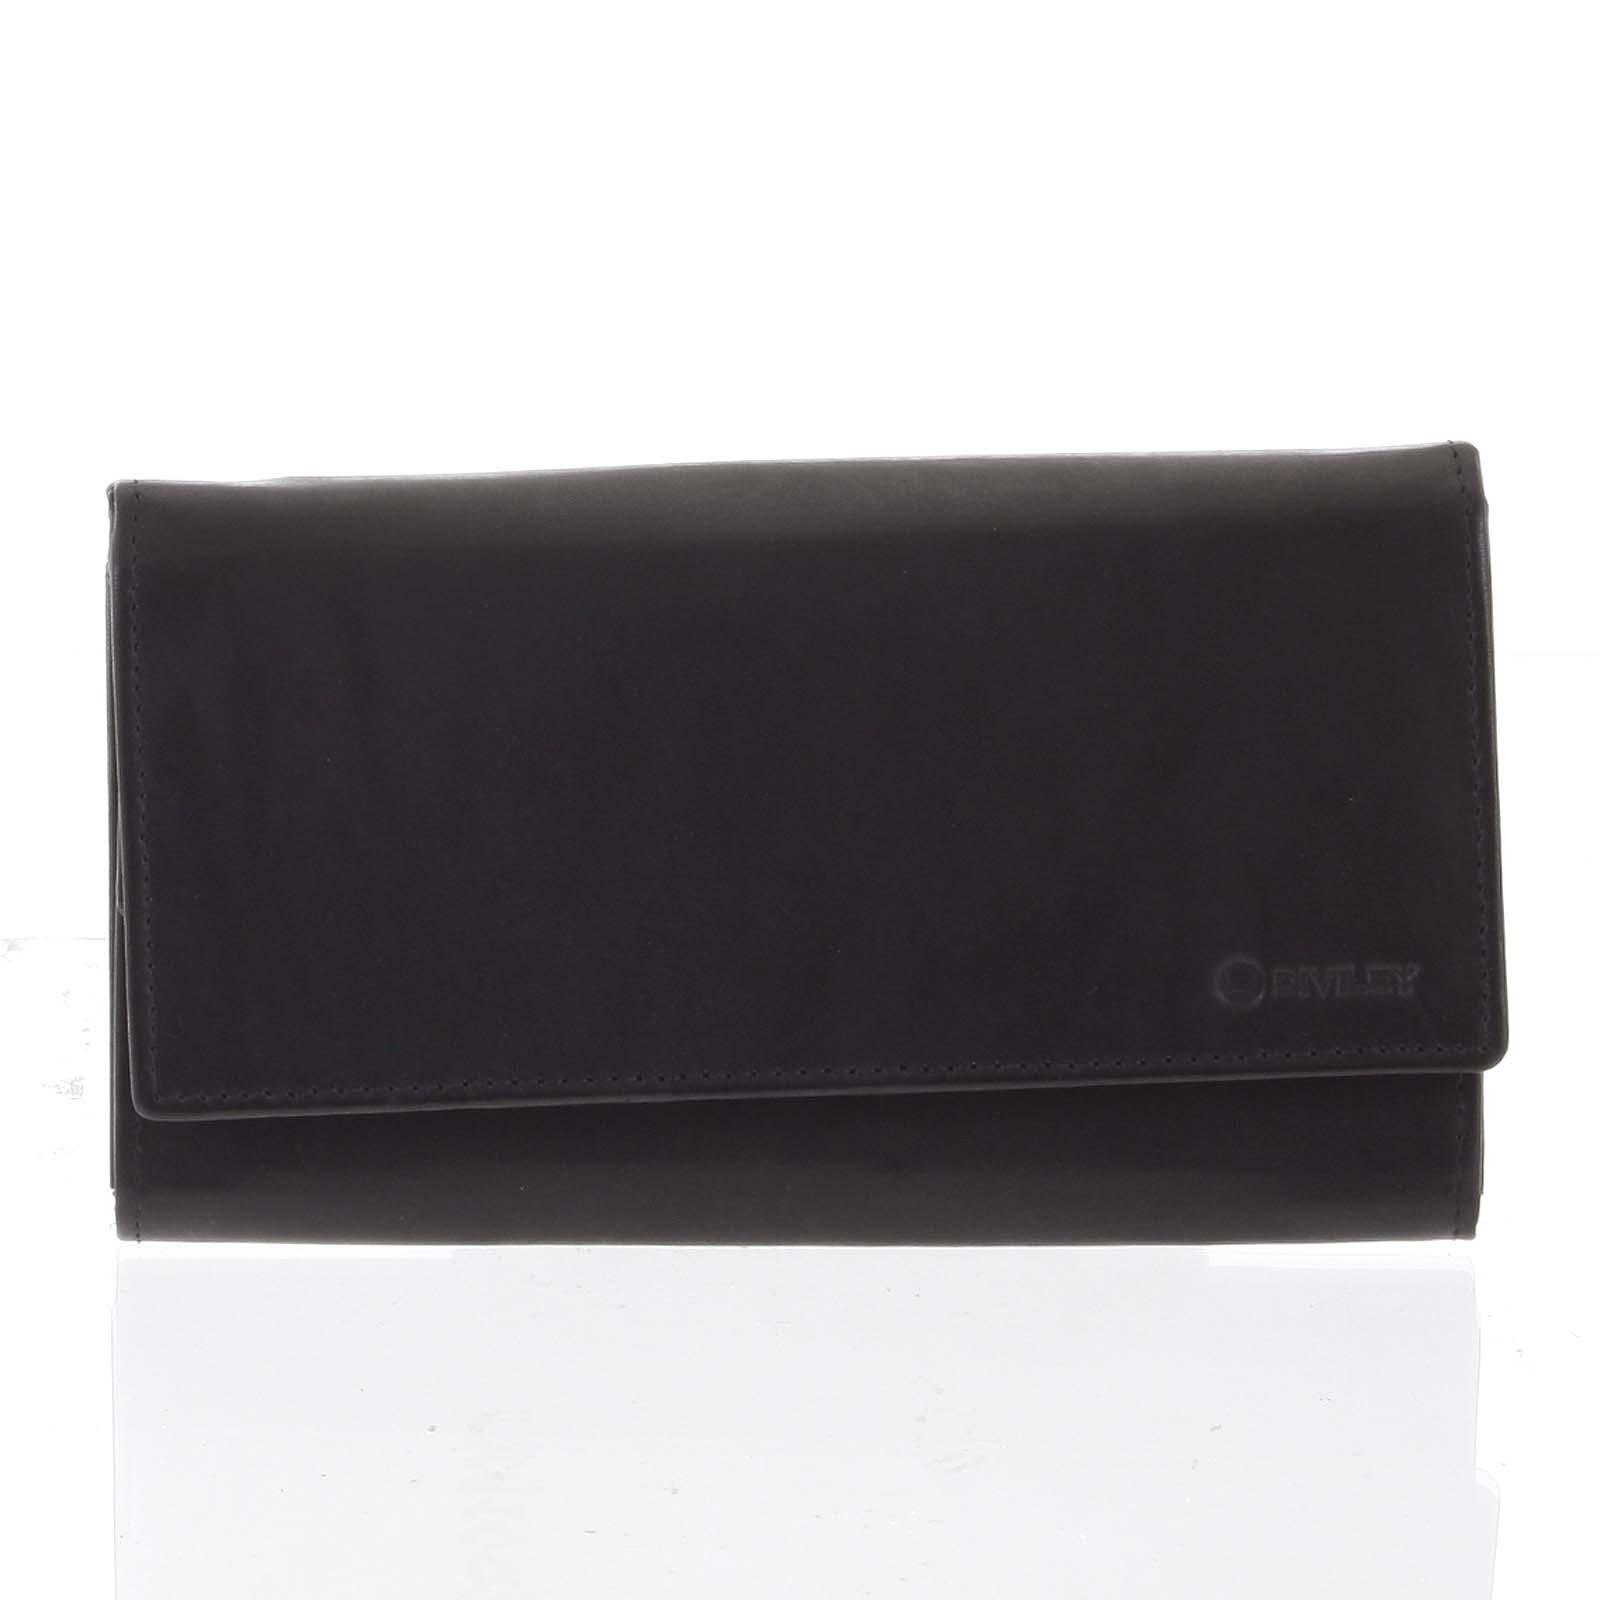 Dámská klasická černá kožená peněženka - Diviley Uniberso